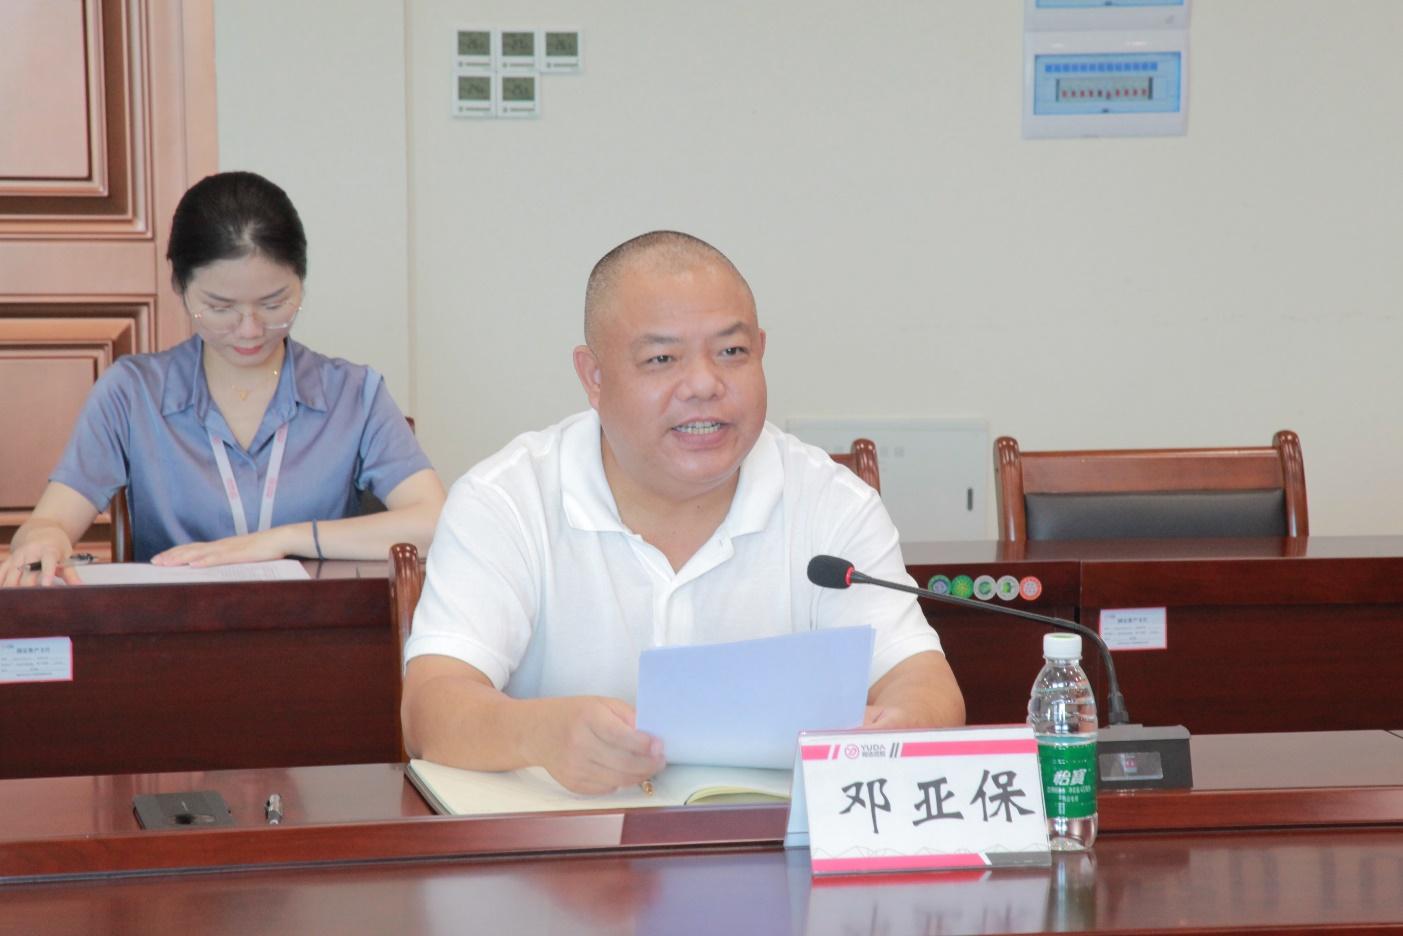 我集团董事长兼总裁邓亚保发表讲话.png